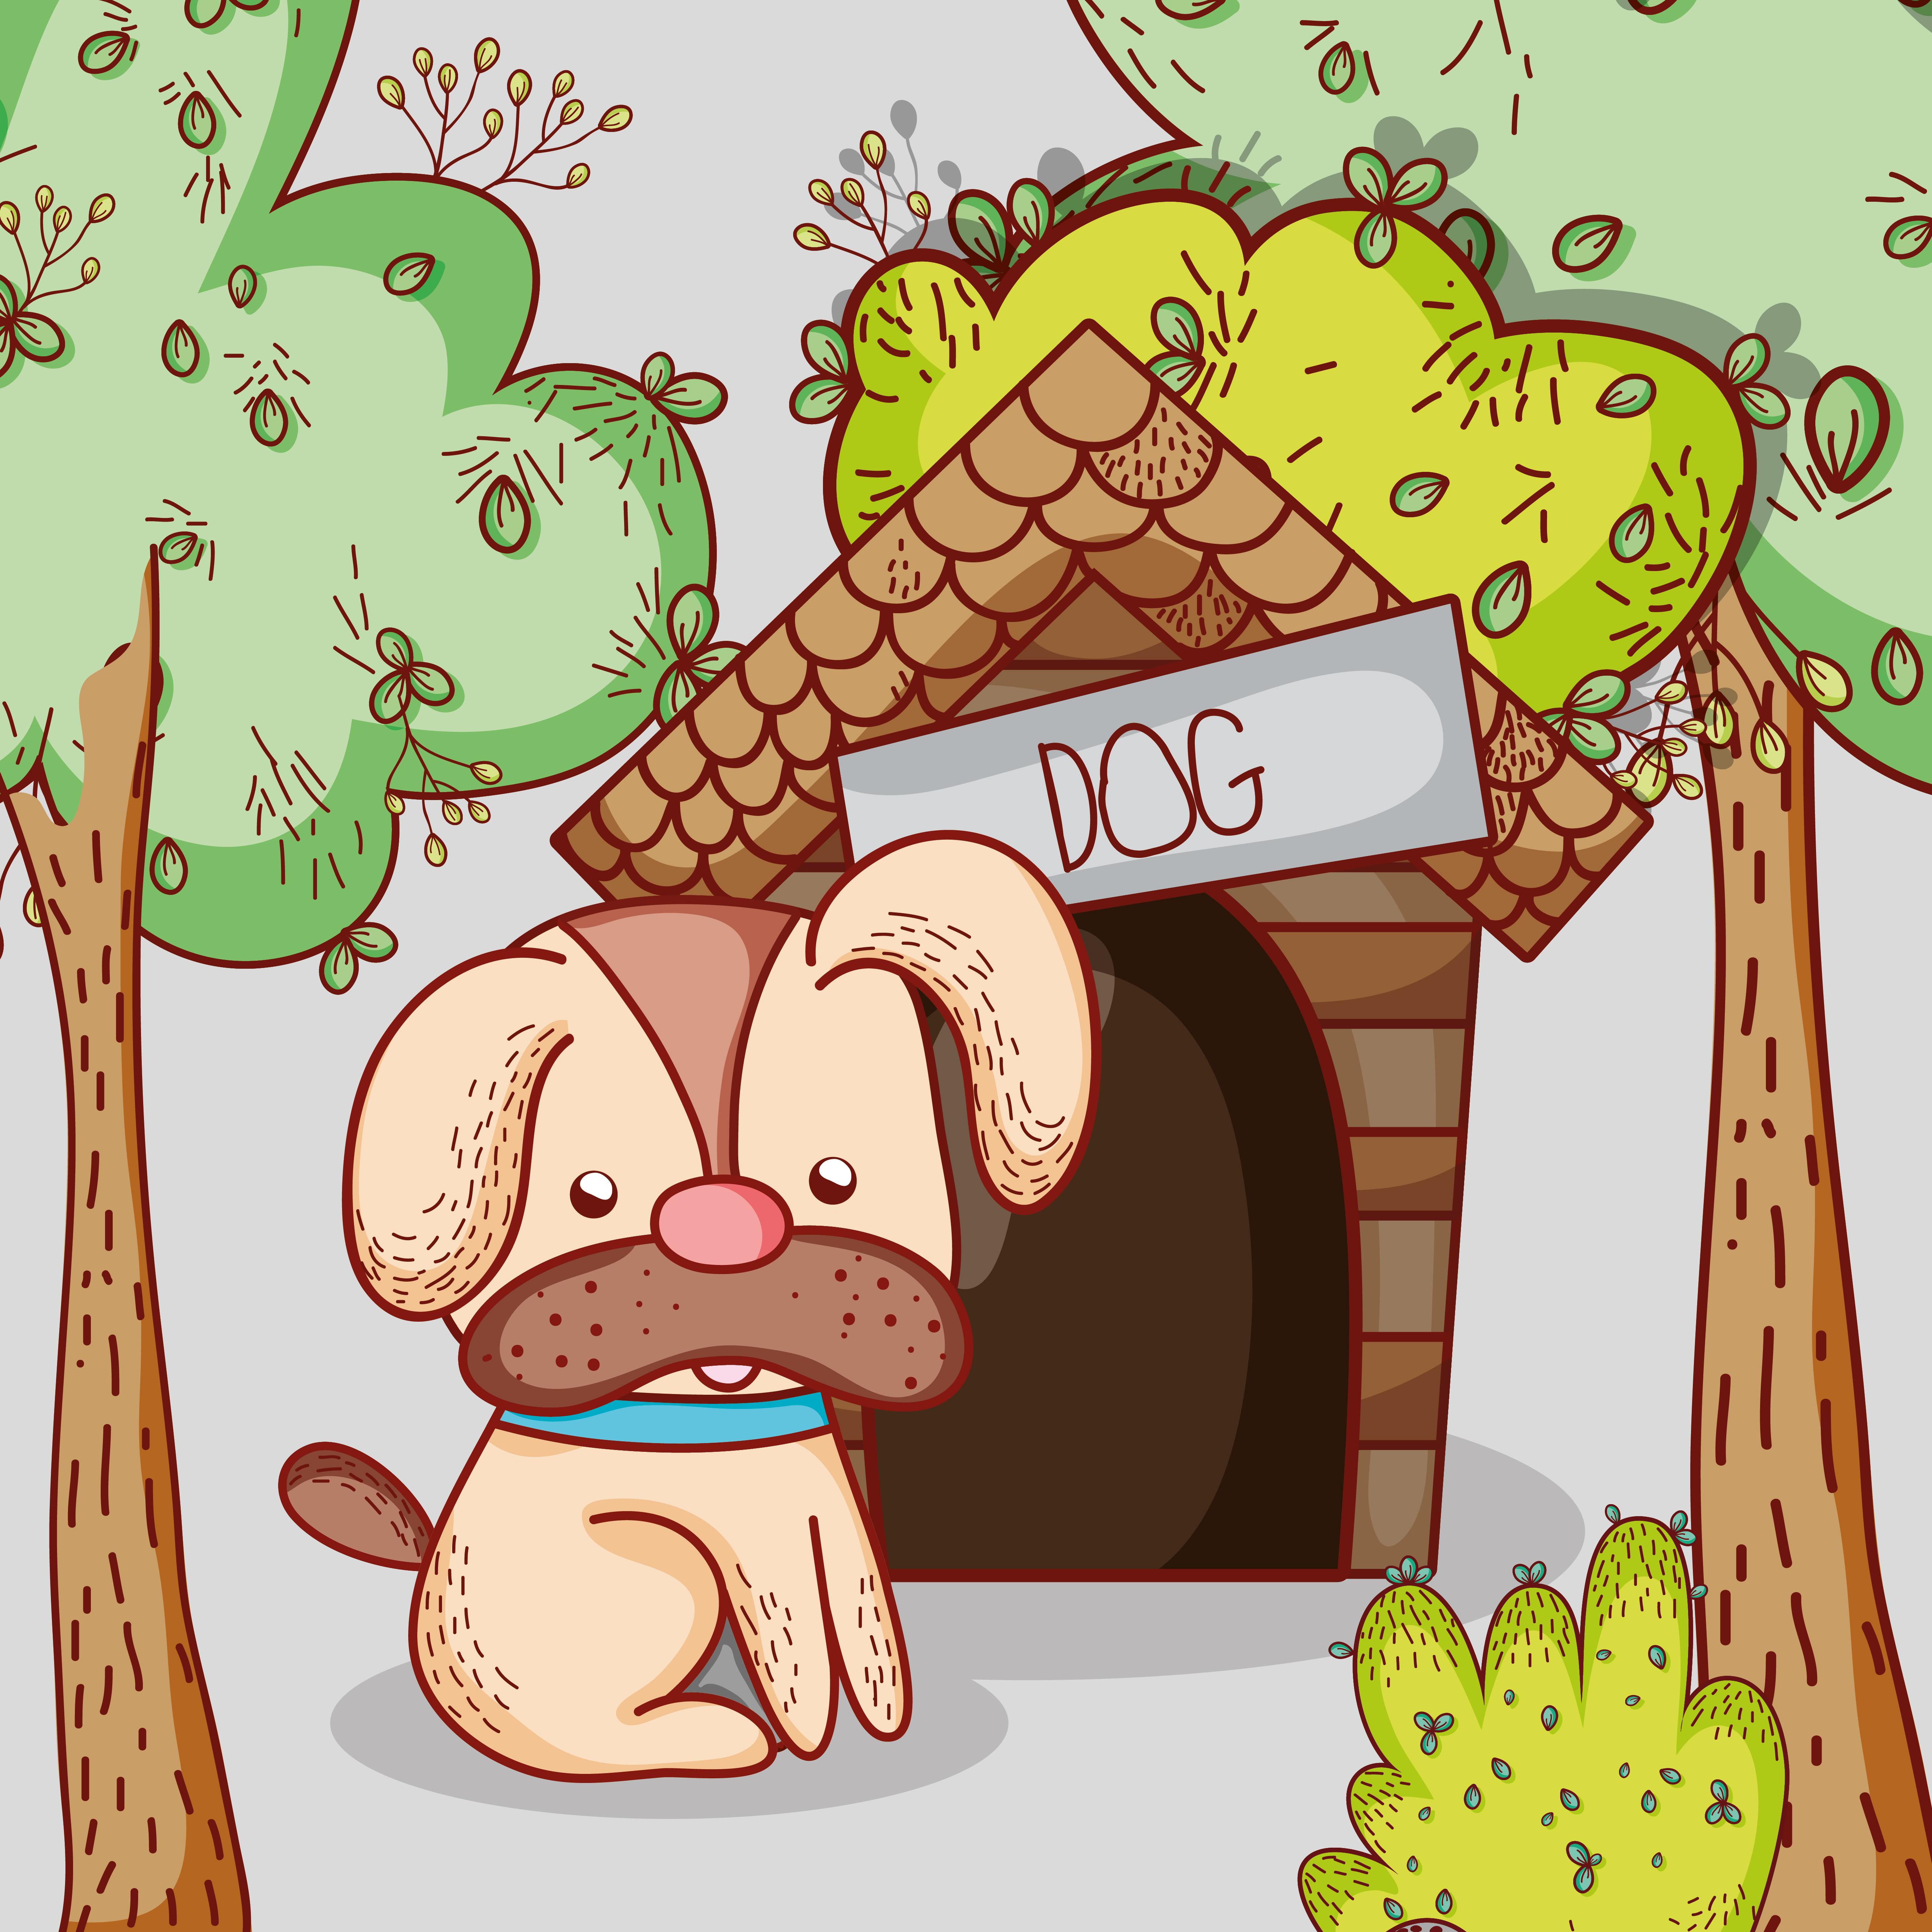 可愛卡通圖 免費下載 | 天天瘋後製